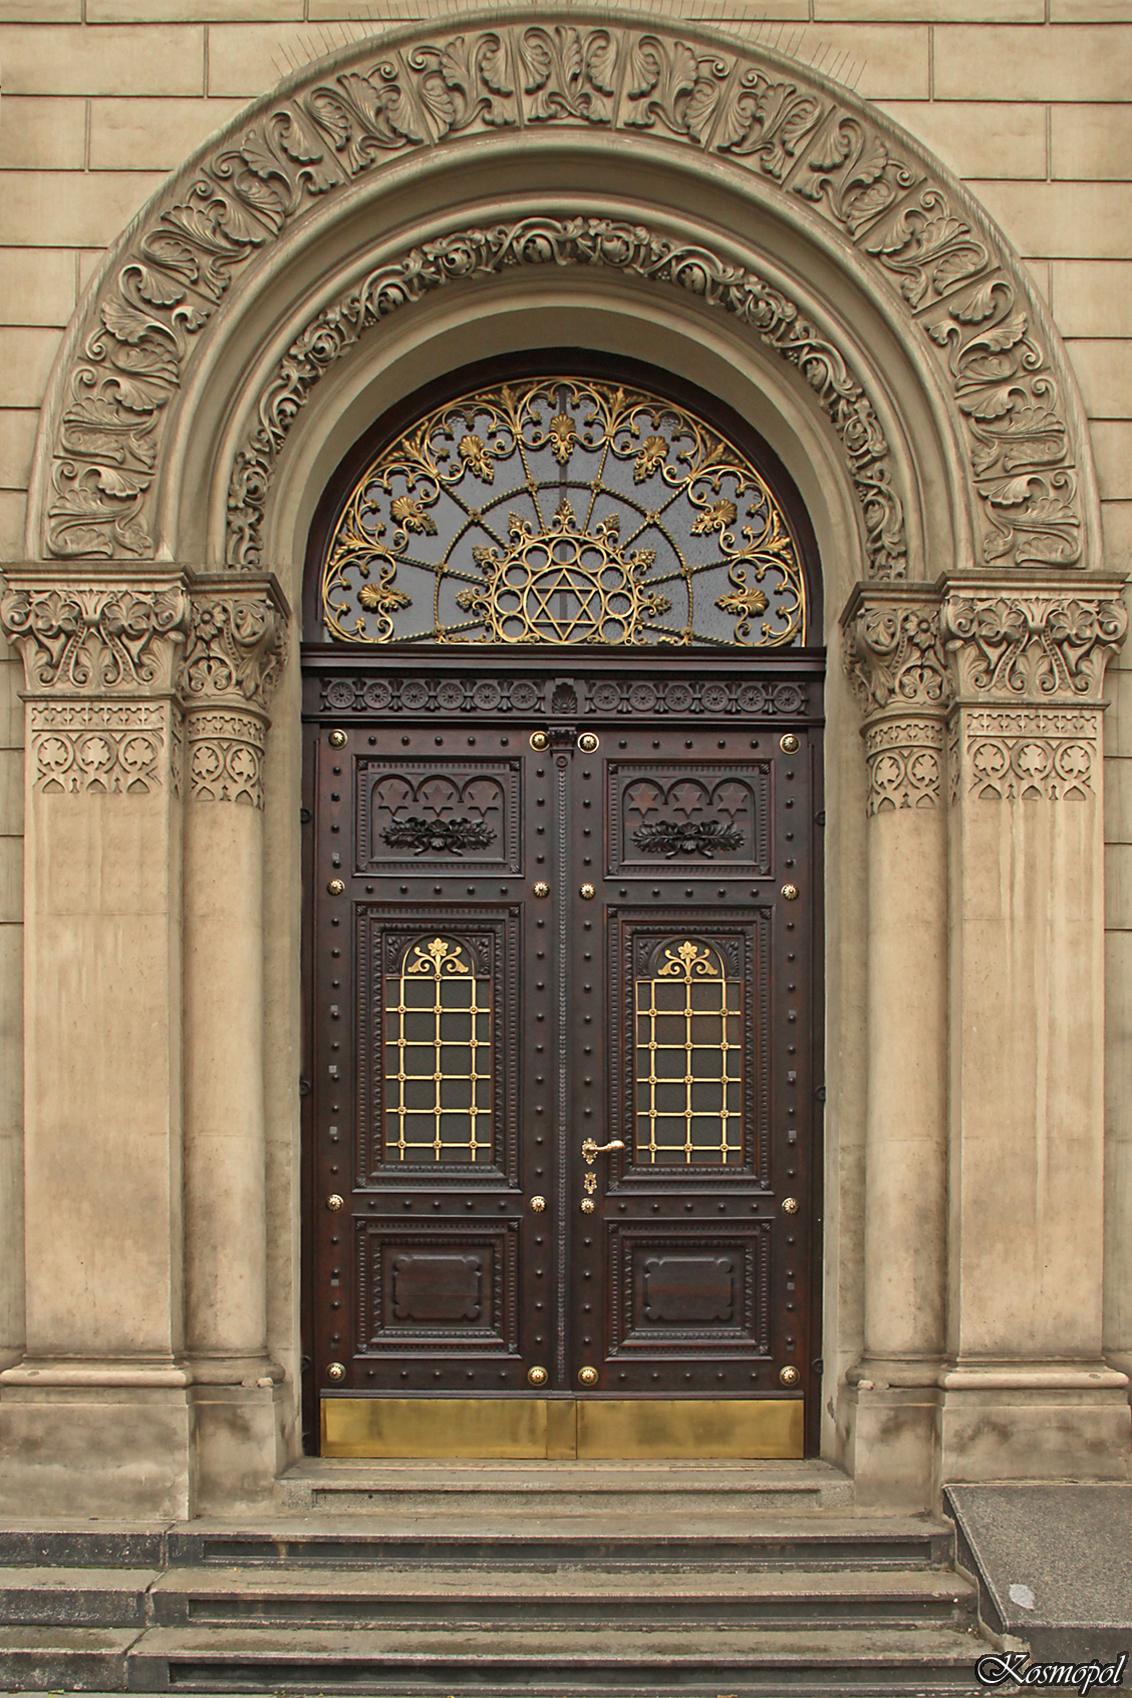 Deuren in Tsjechie - Deel 1 ...met een knipoog. - foto door kosmopol op 13-10-2011 - deze foto bevat: deur, tsjechie, kosmopol